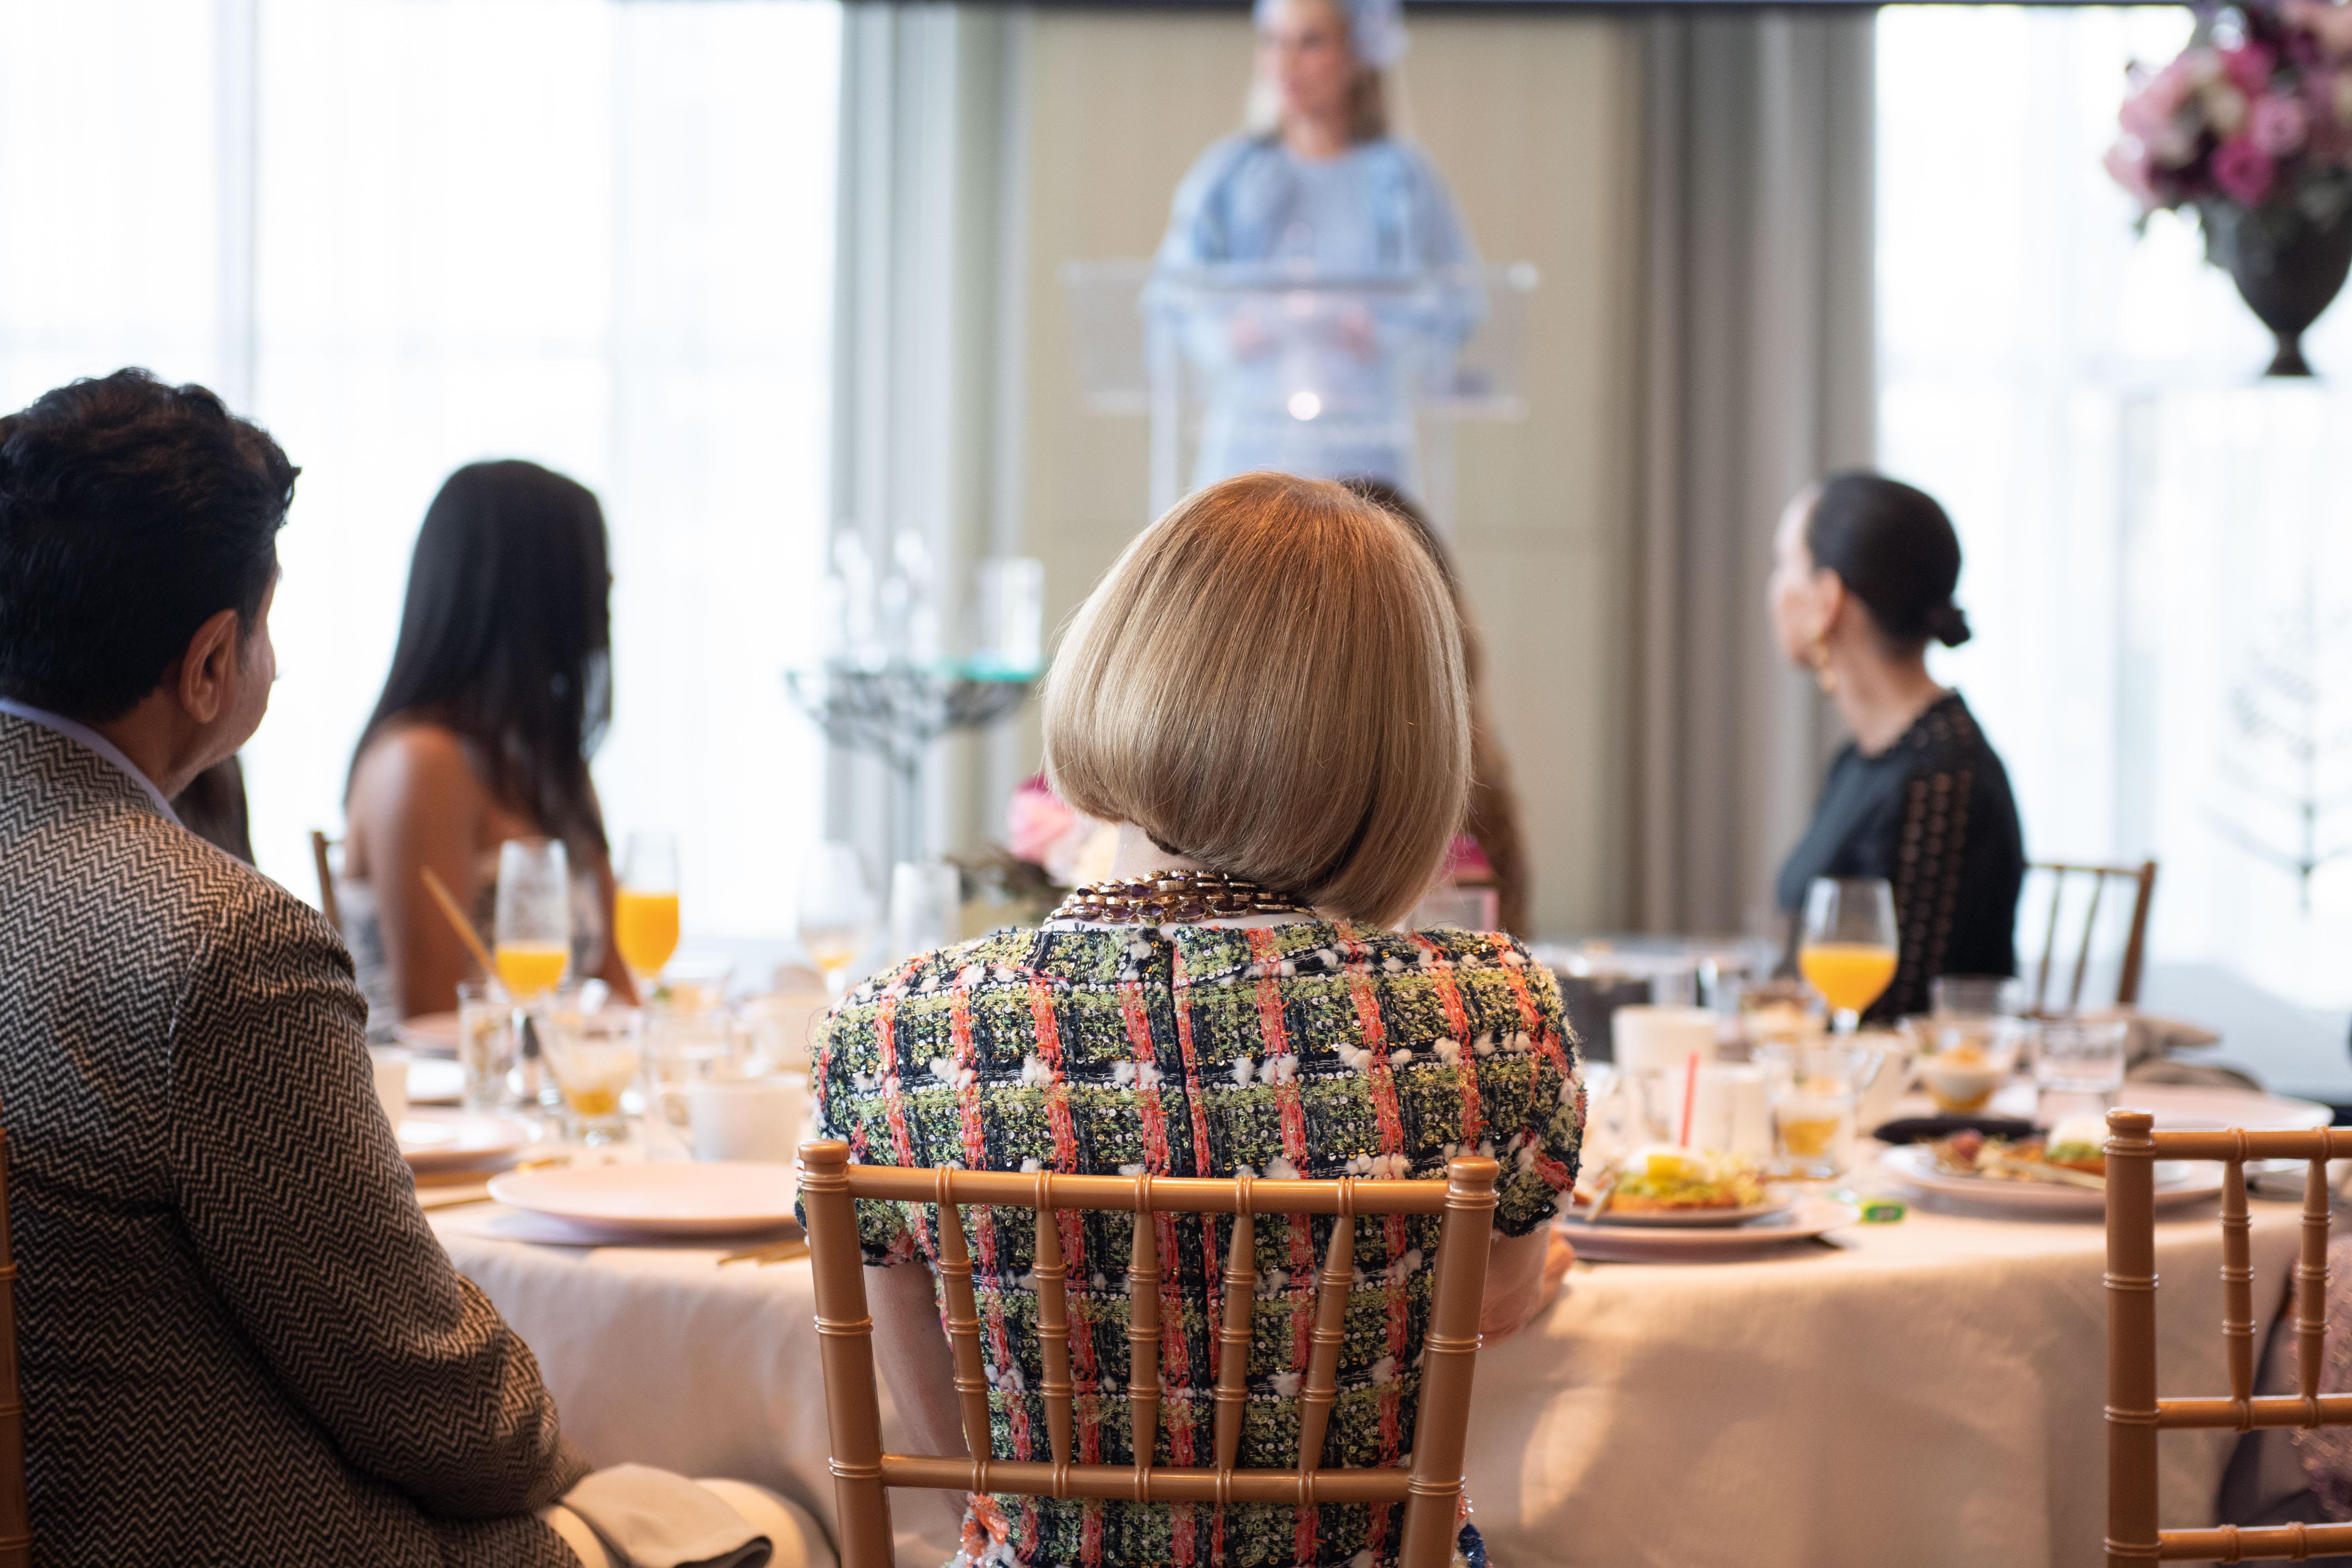 Icon Award Presentation with Dame Anna Wintour (TIFF 2019)-73